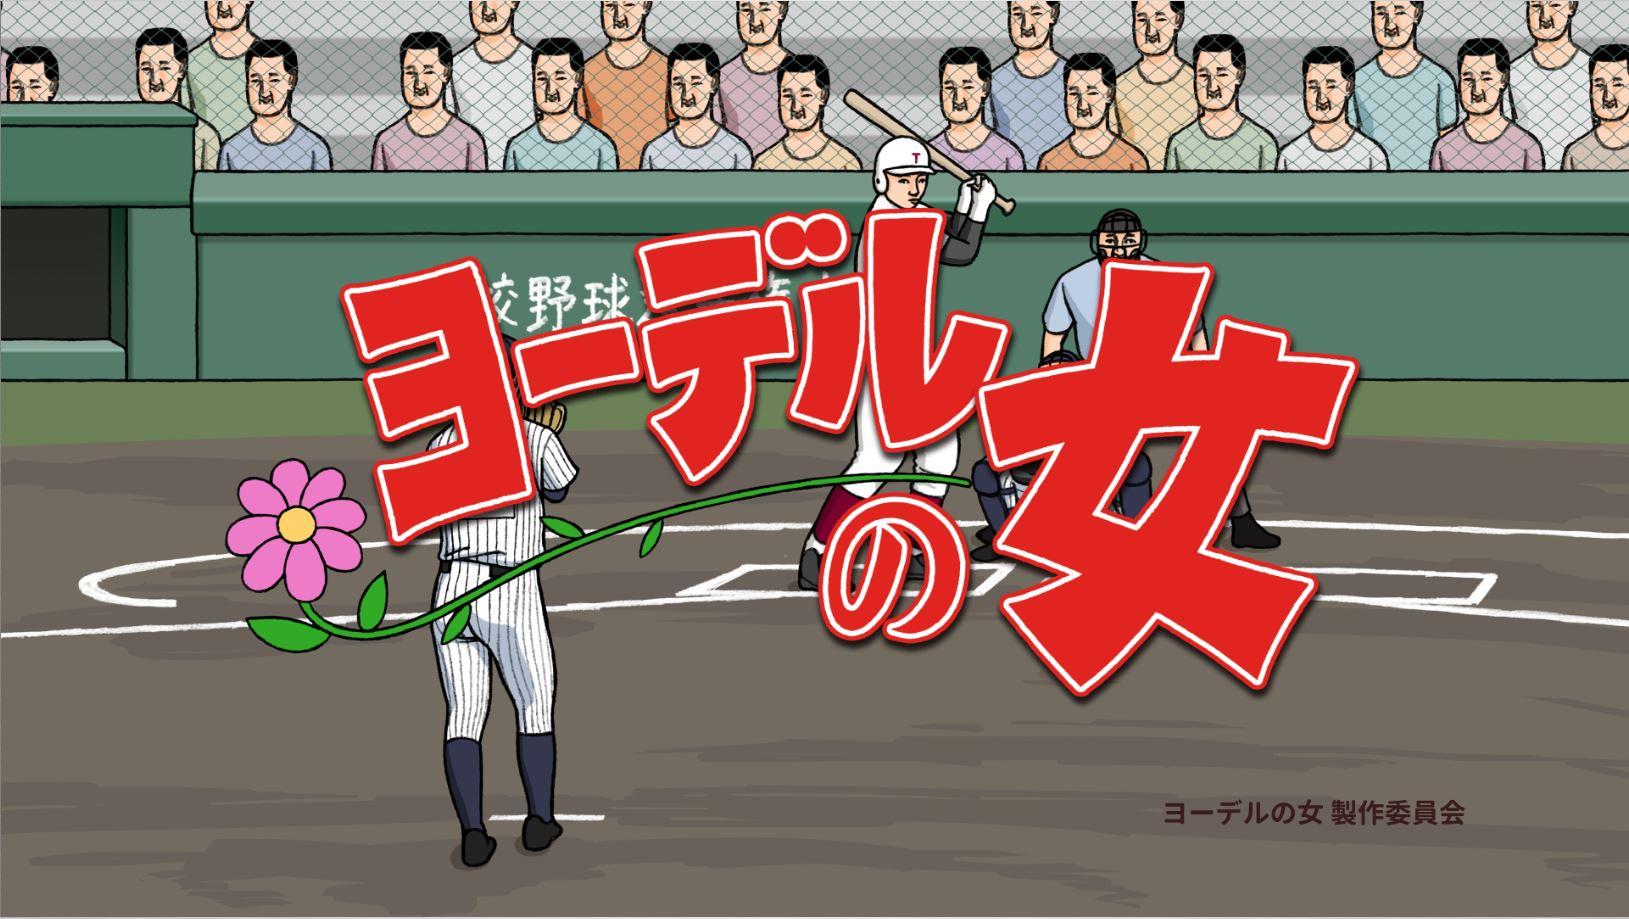 「高校野球」篇